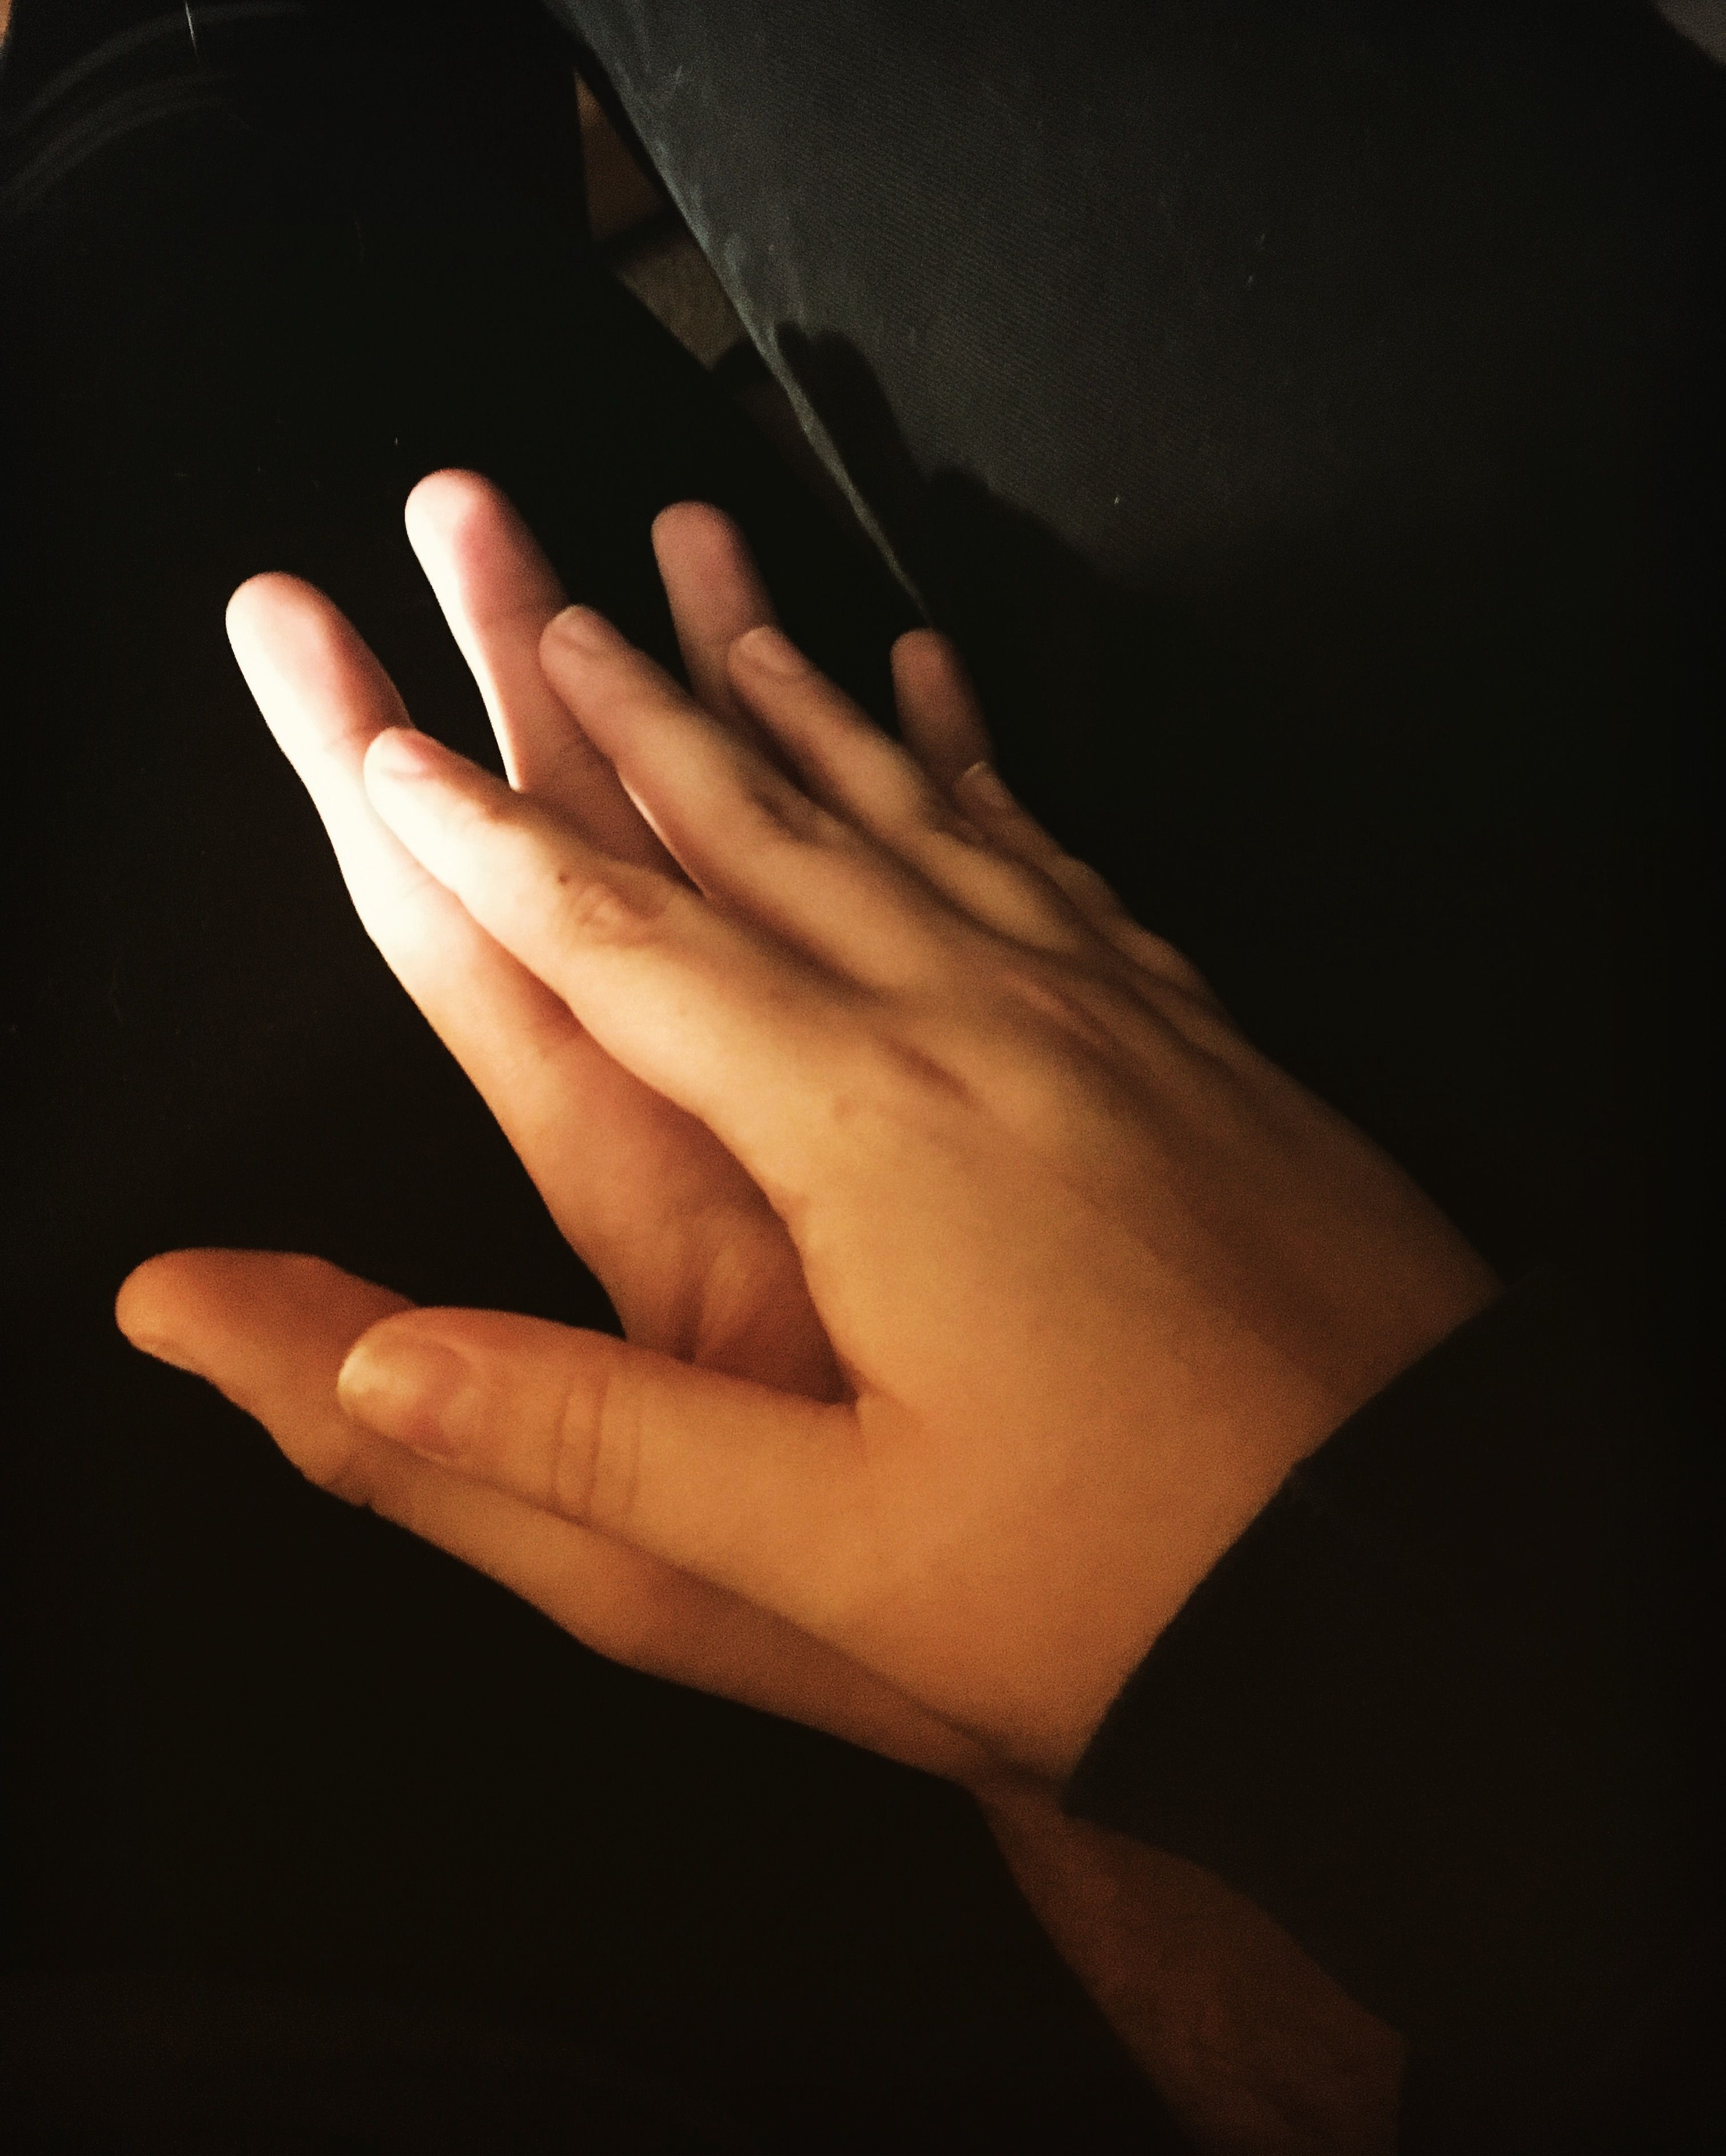 предметы одежды фото мужских рук держащих женские руки стоимость ремонта будет